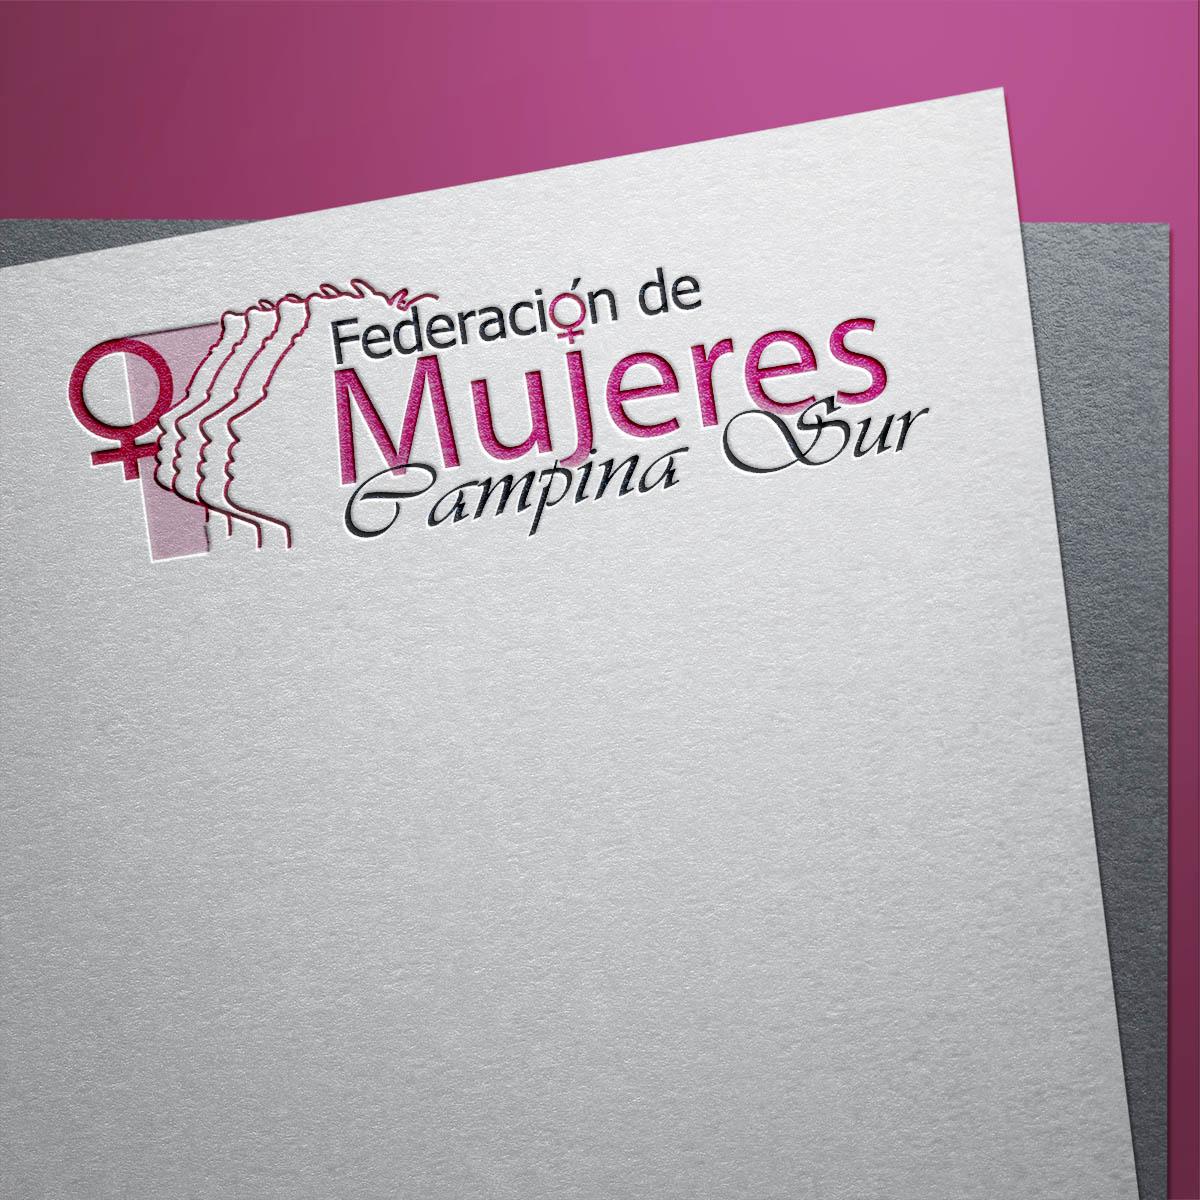 Diseño Logotipo Federación de Mujeres Campiña Sur